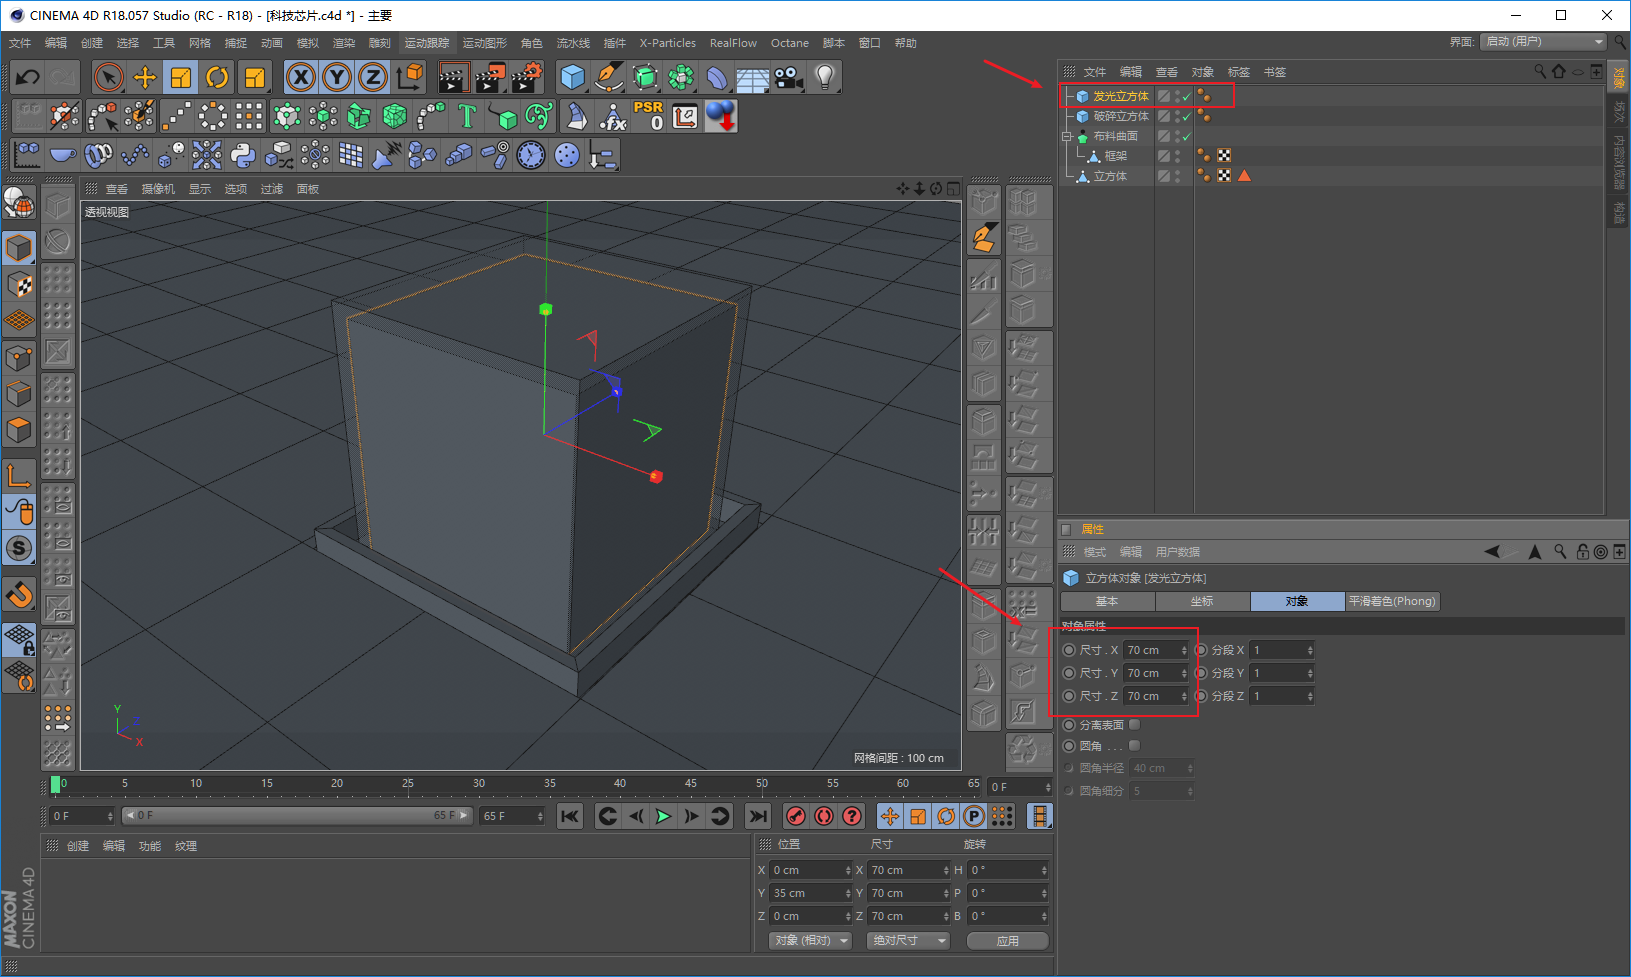 (刹车图文)c4d野步骤:我也来做一个芯片视频的动图教程改装科技图片